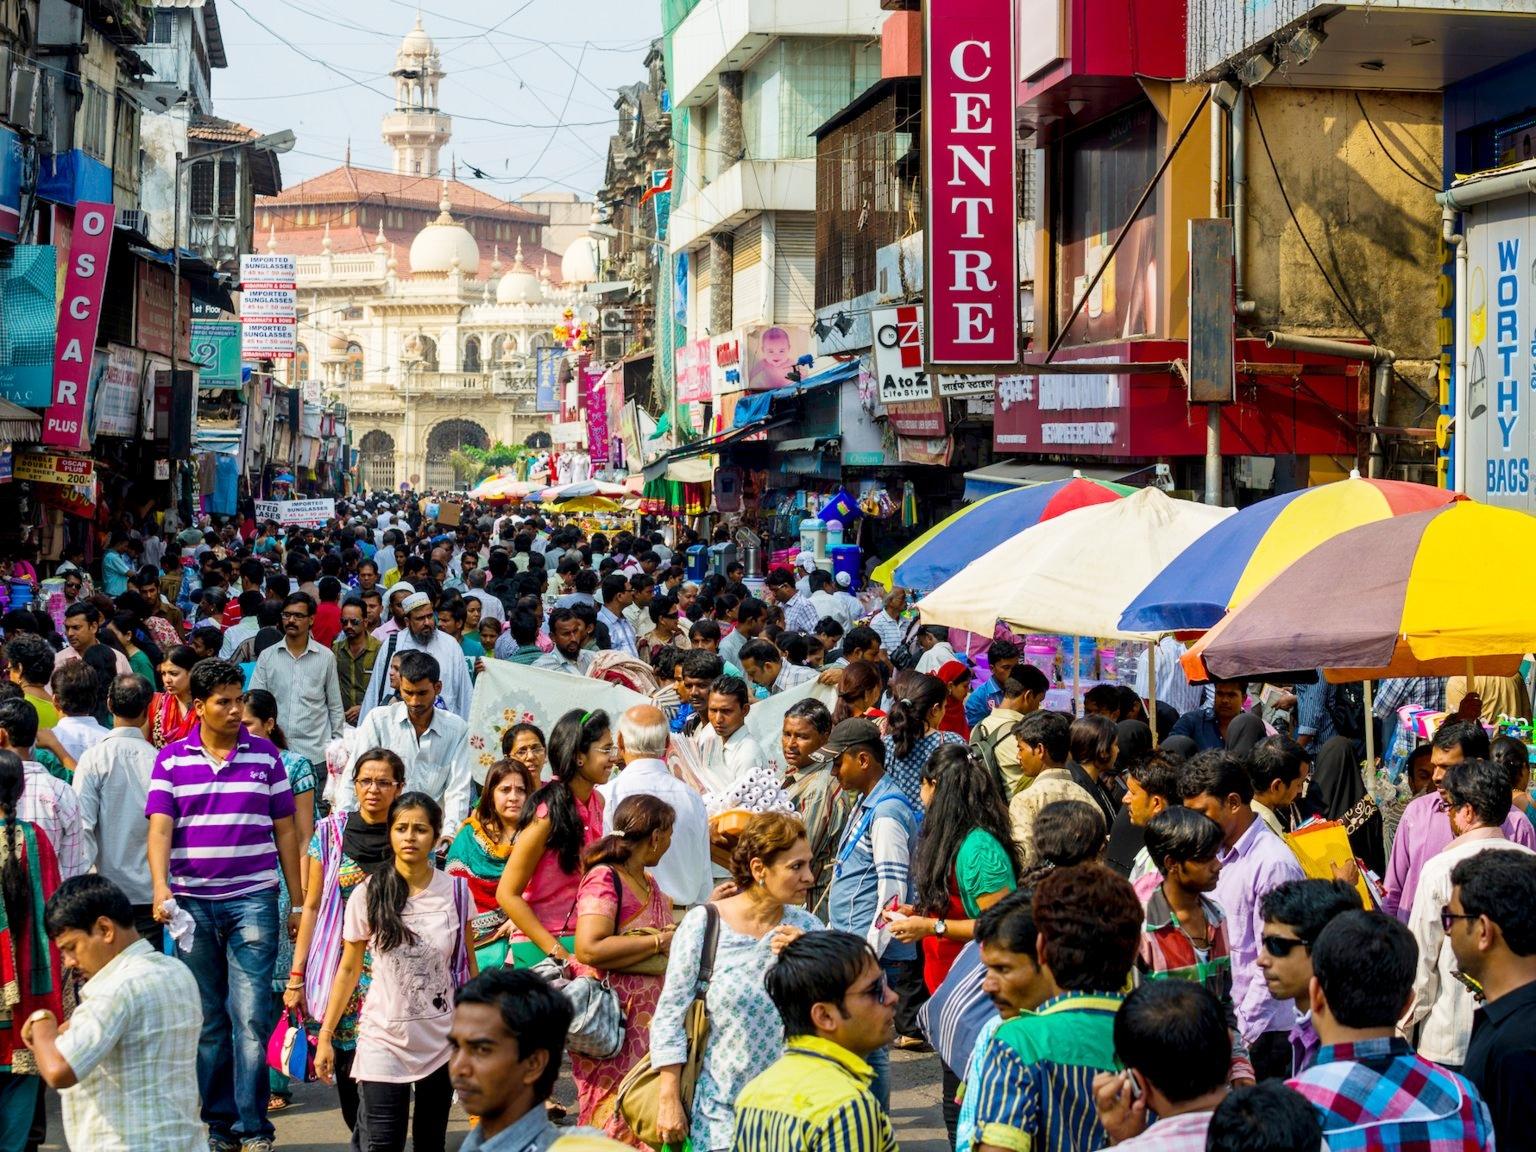 Ấn Độ đang có nhiều thành phố phát triển nhanh nhất thế giới. Ảnh: LightRocket